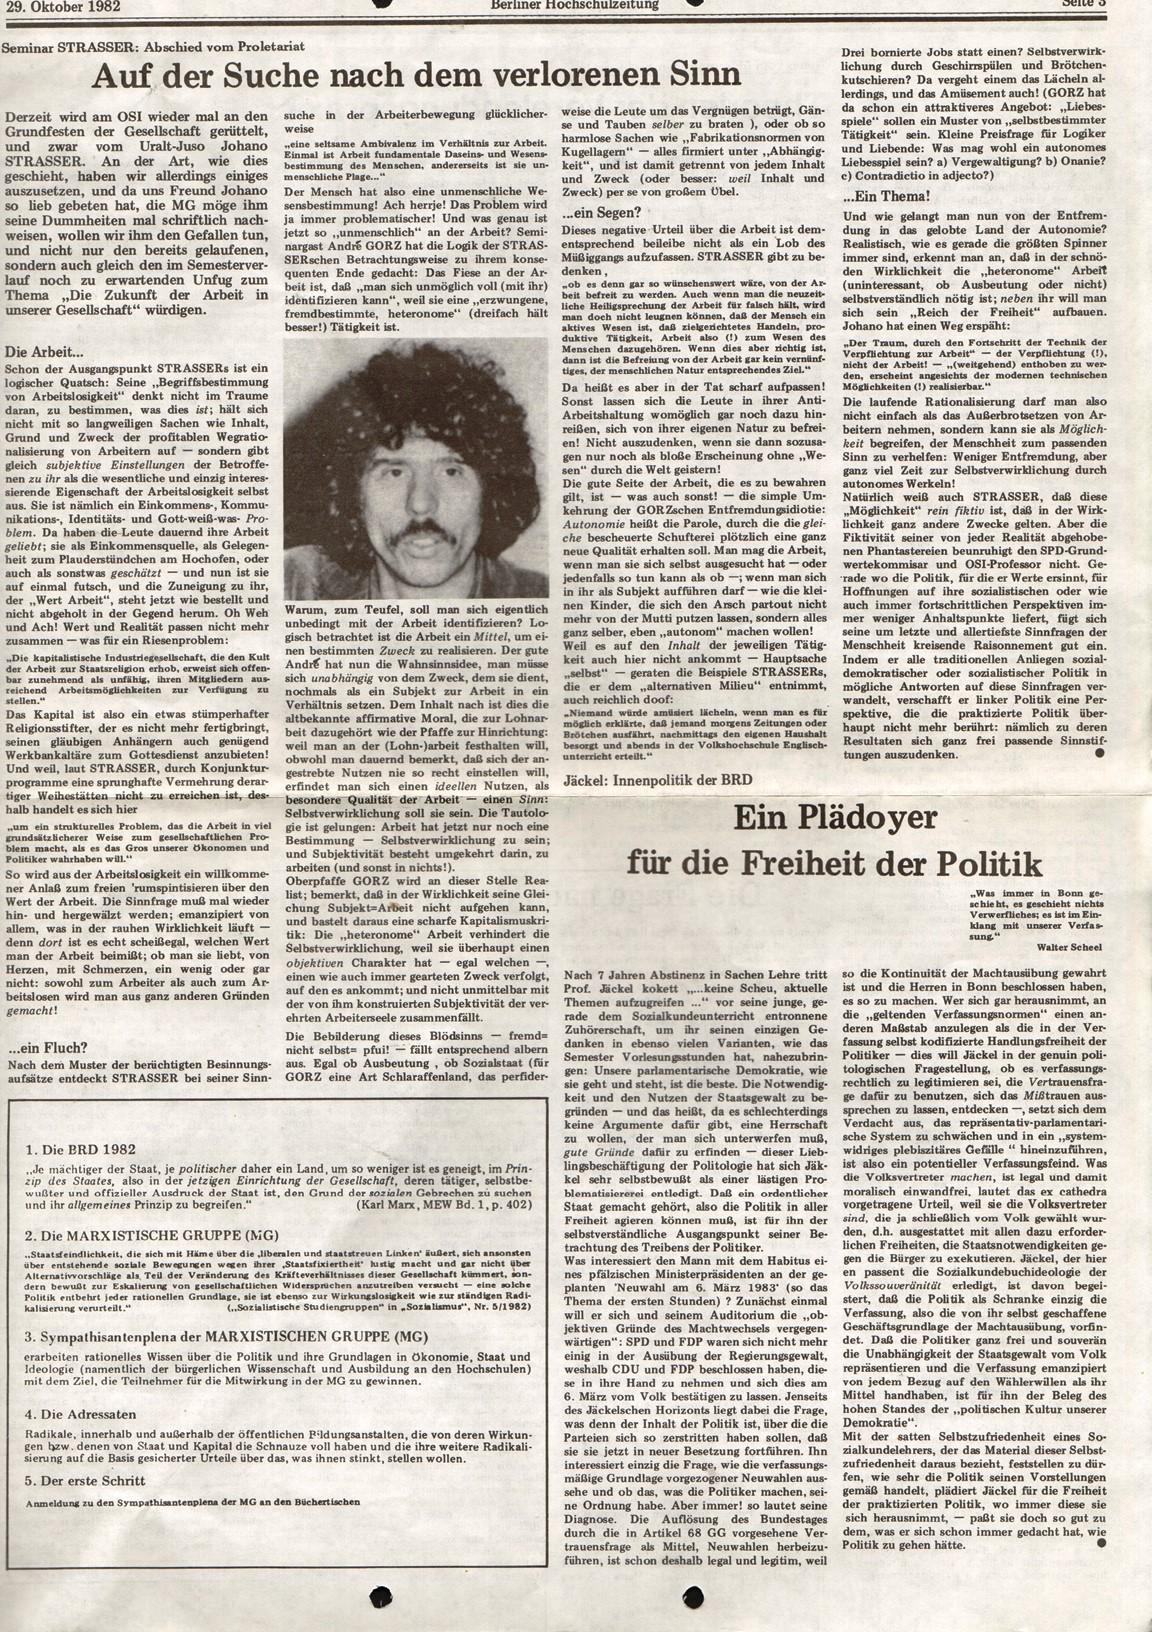 Berlin_MG_Hochschulzeitung_19821129_03